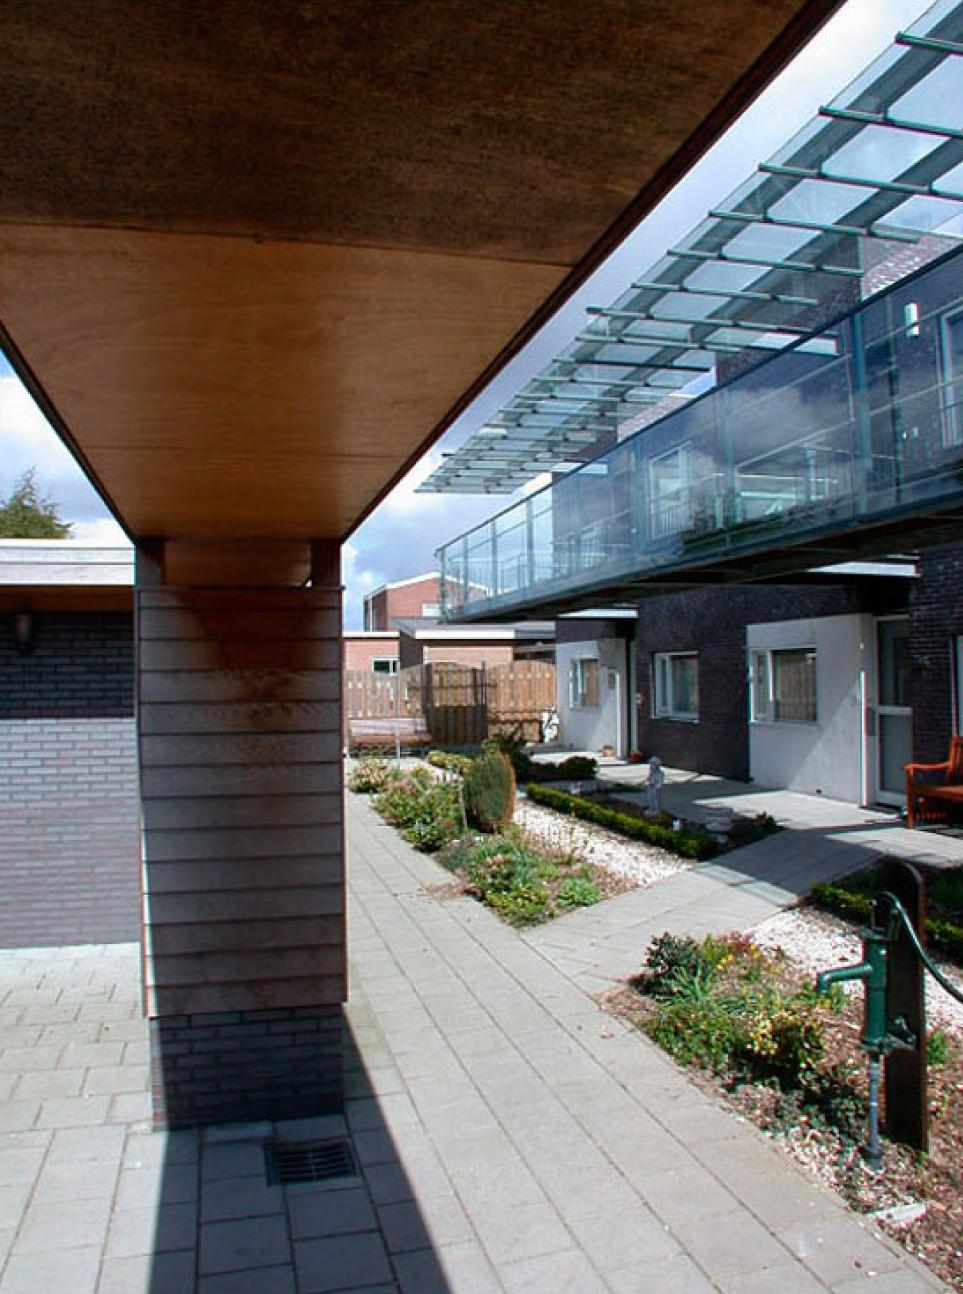 Appartementen - Egmond Binnen (3)